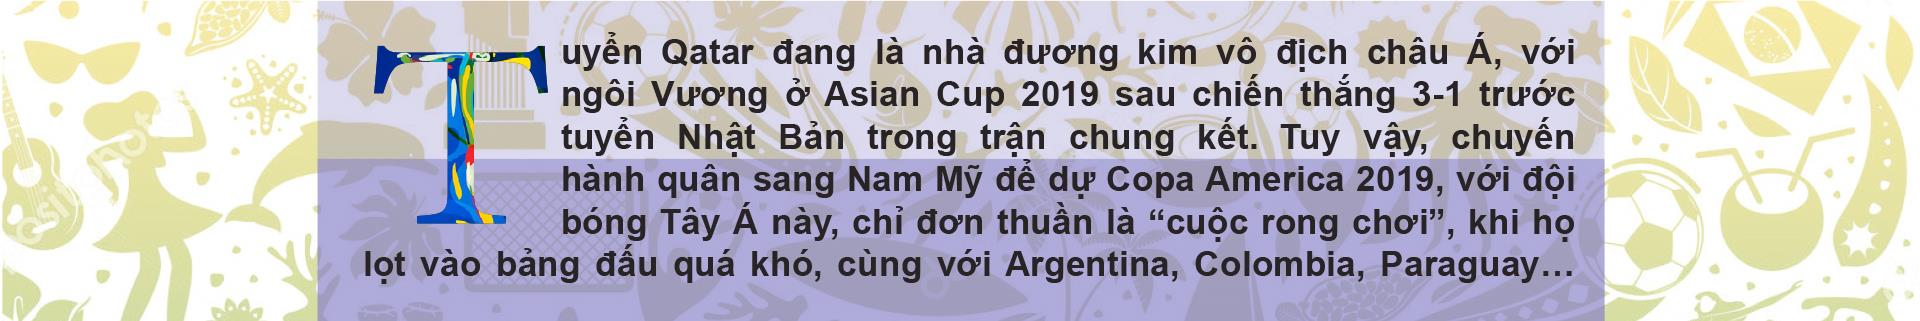 QATAR - Cuộc rong chơi của nhà vô địch châu Á ảnh 1